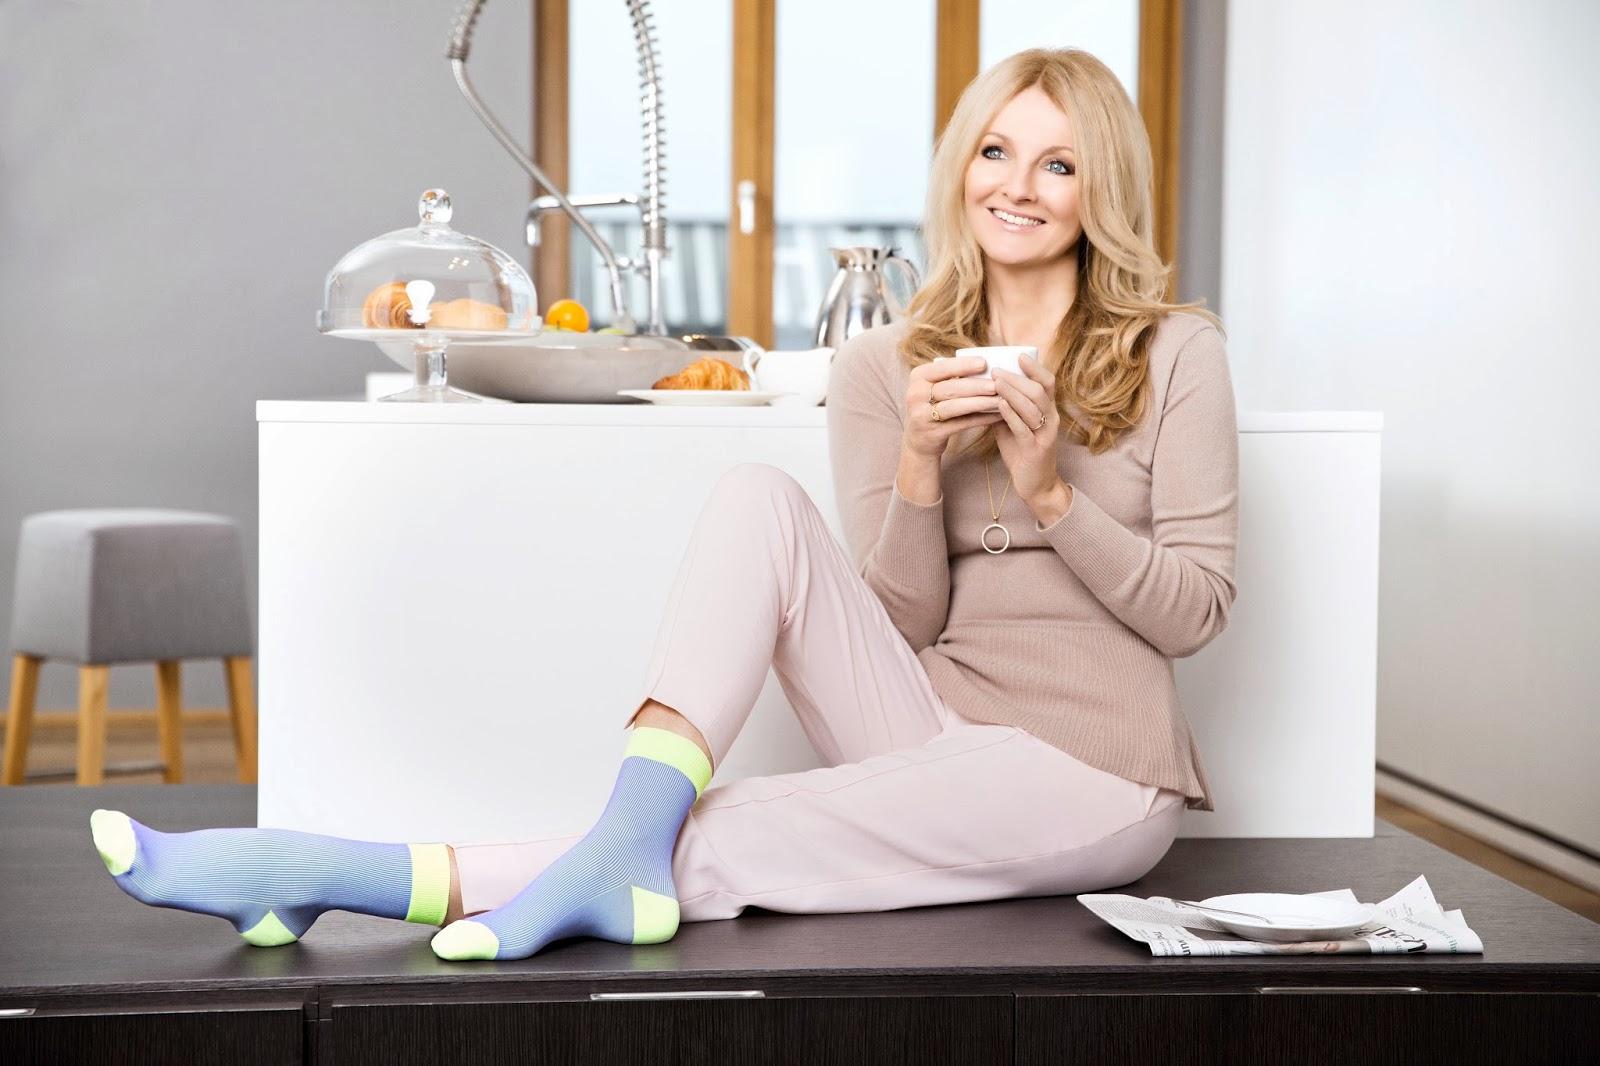 LAURUS-Fashiontipps: Frauke Ludowig setzt auf ITEM m6